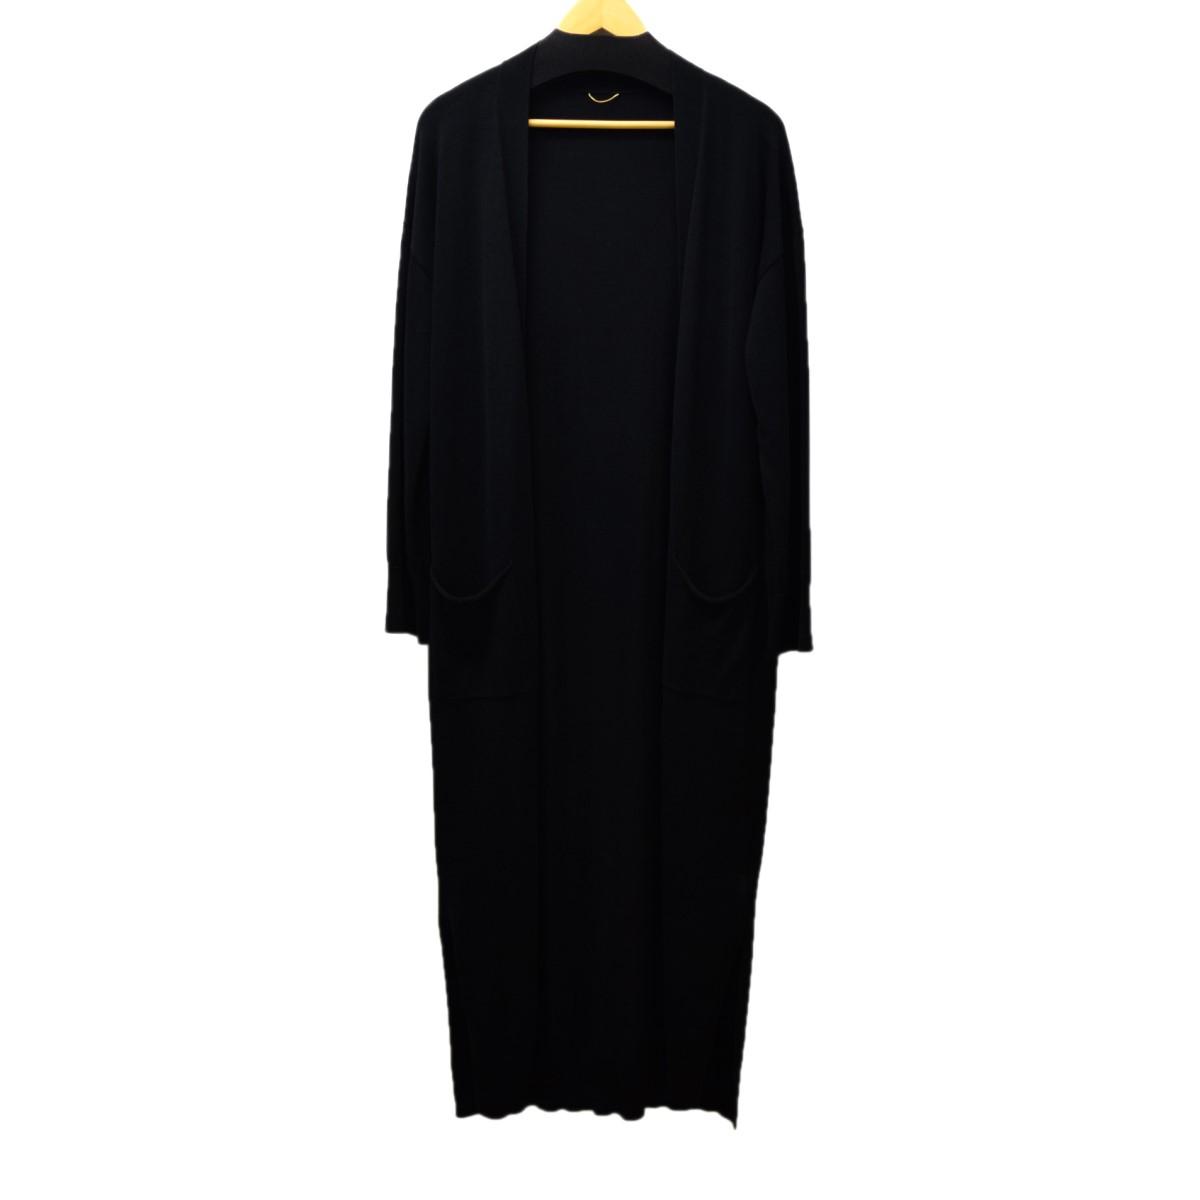 【中古】DEUXIEME CLASSE シルクコットンロングカーデ ブラック コットン サイズ:- 【180220】(ドゥーズィエムクラス)